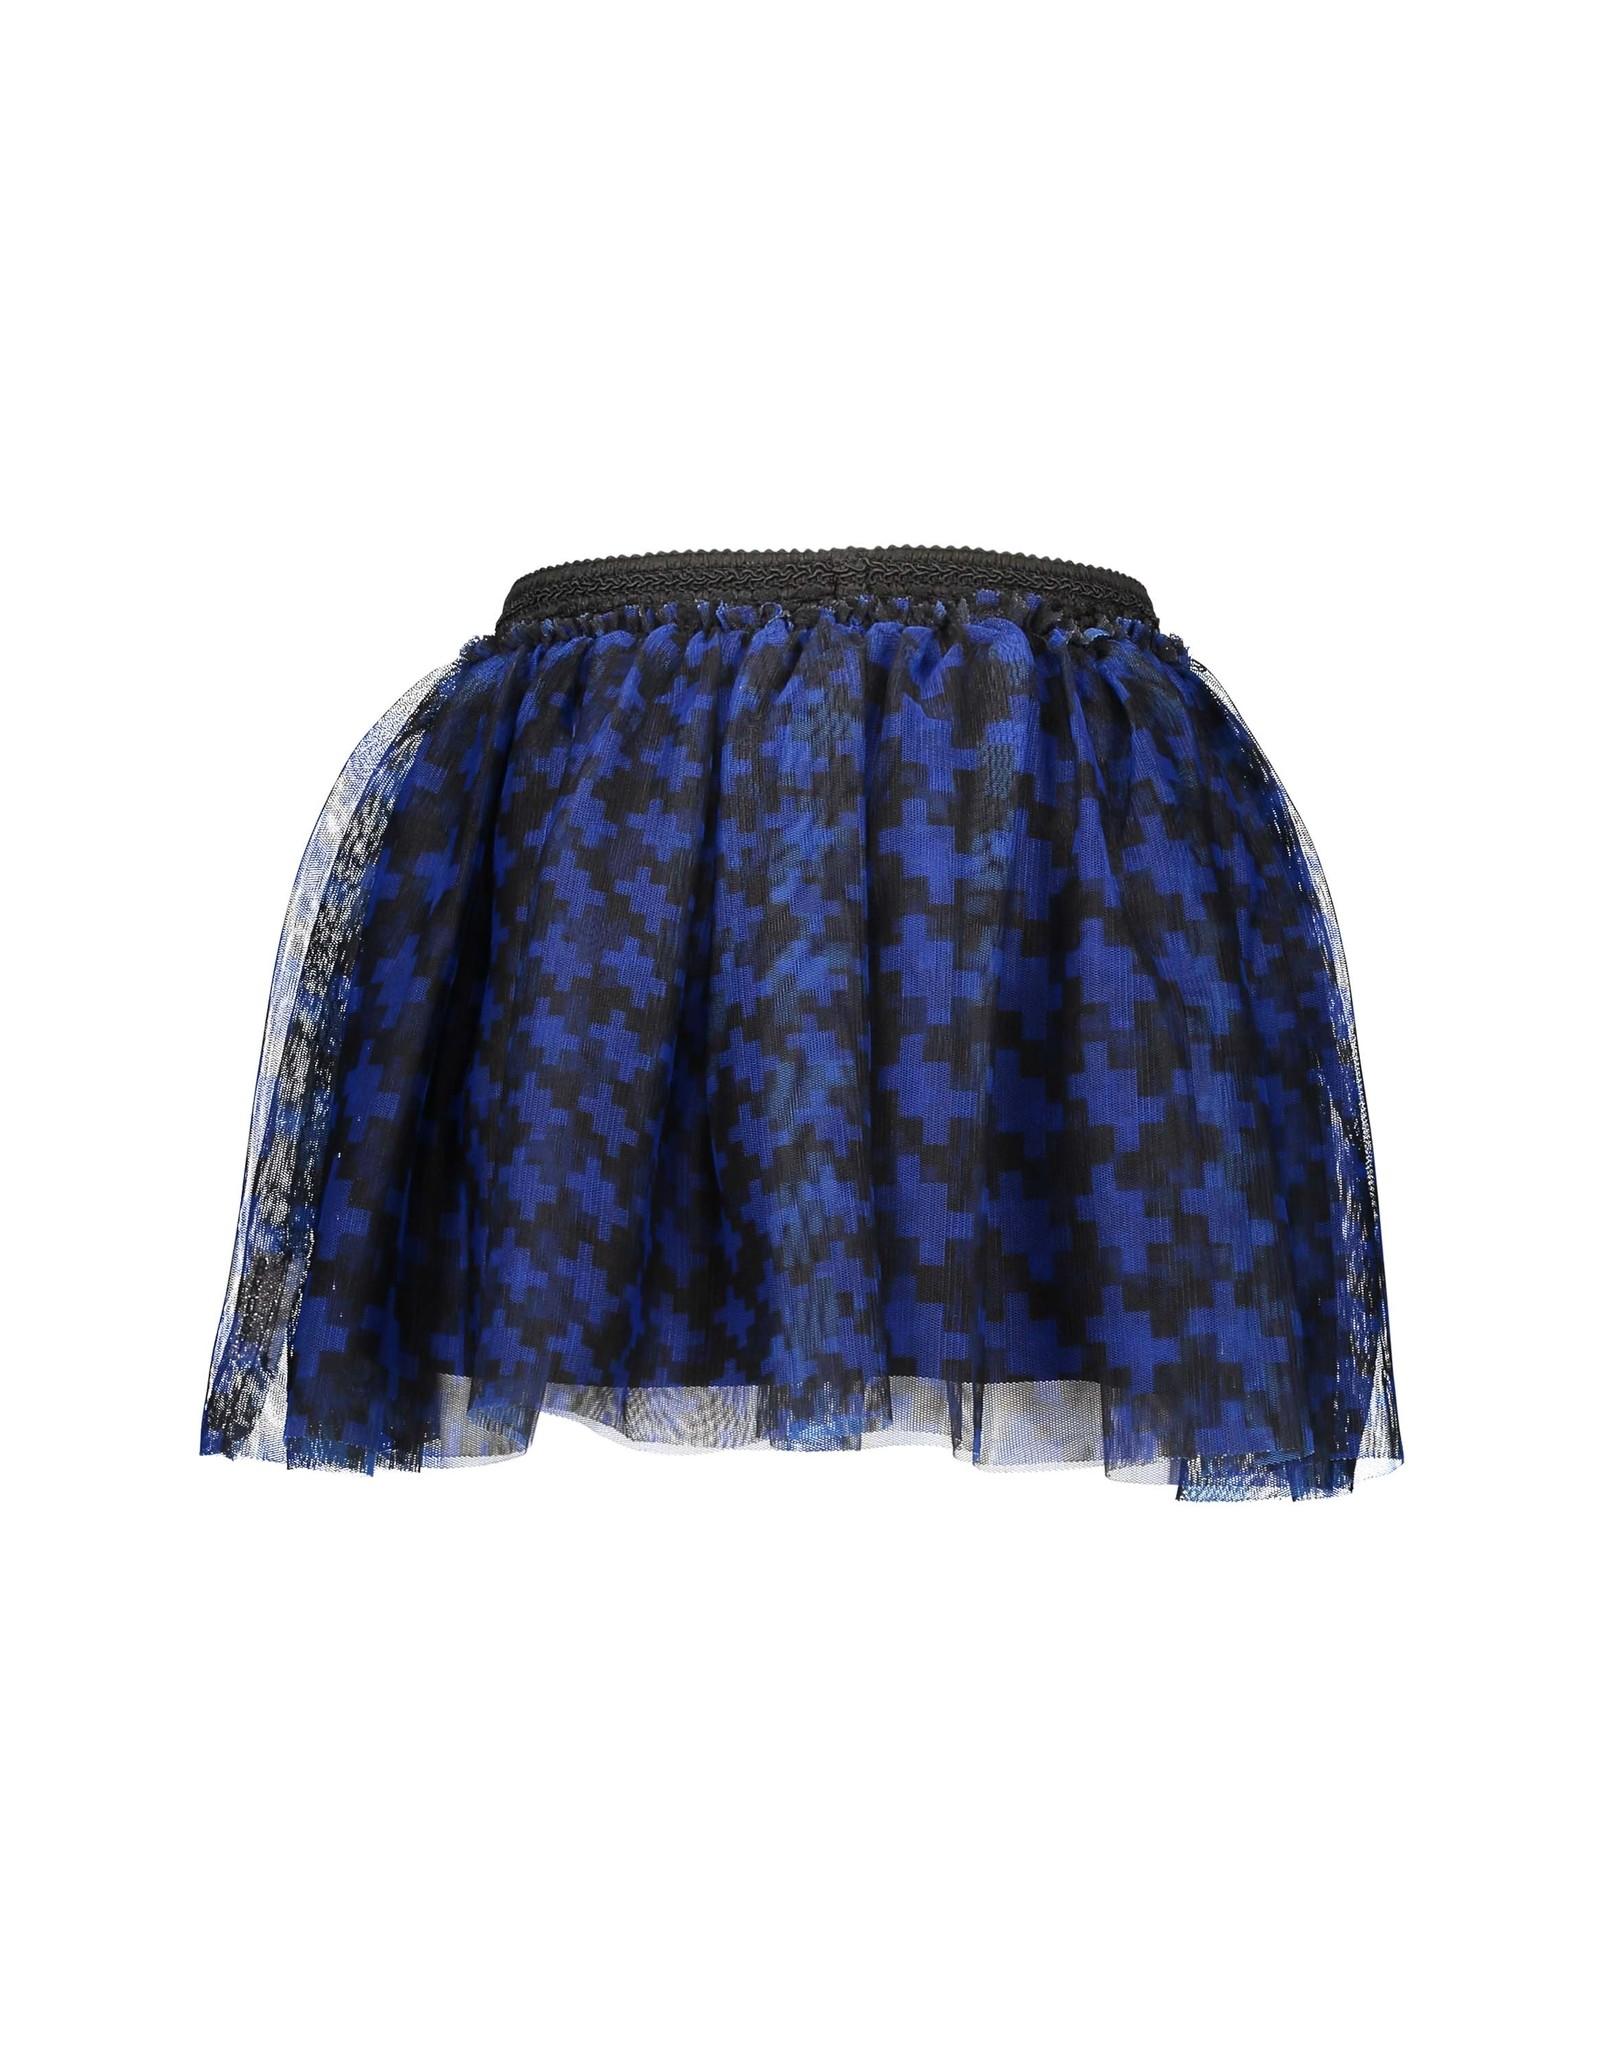 B-Nosy Girls mesh skirt with pied du poule aop, Maxi cobalt puzzle